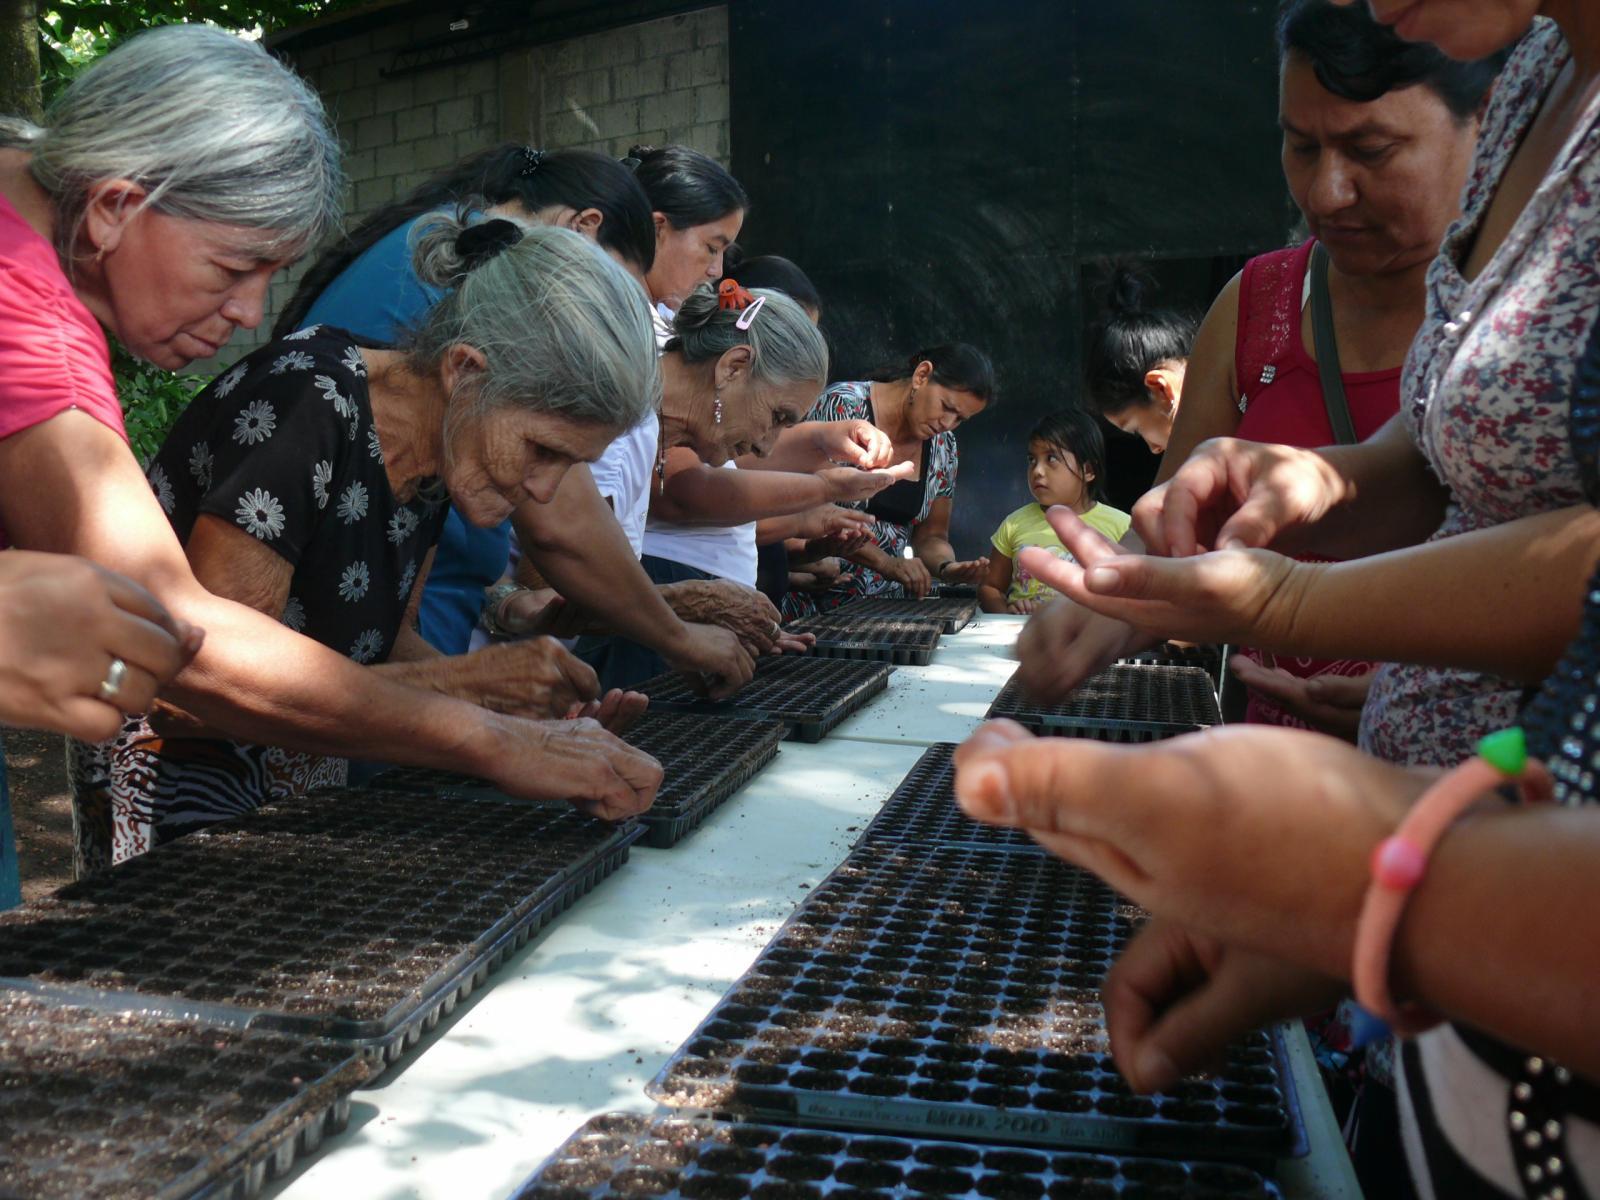 Mejorar el desarrollo económico y social  con equidad de productoras y productores agropecuarios en los municipios de Suchitoto y Cinquera. El Salvador.